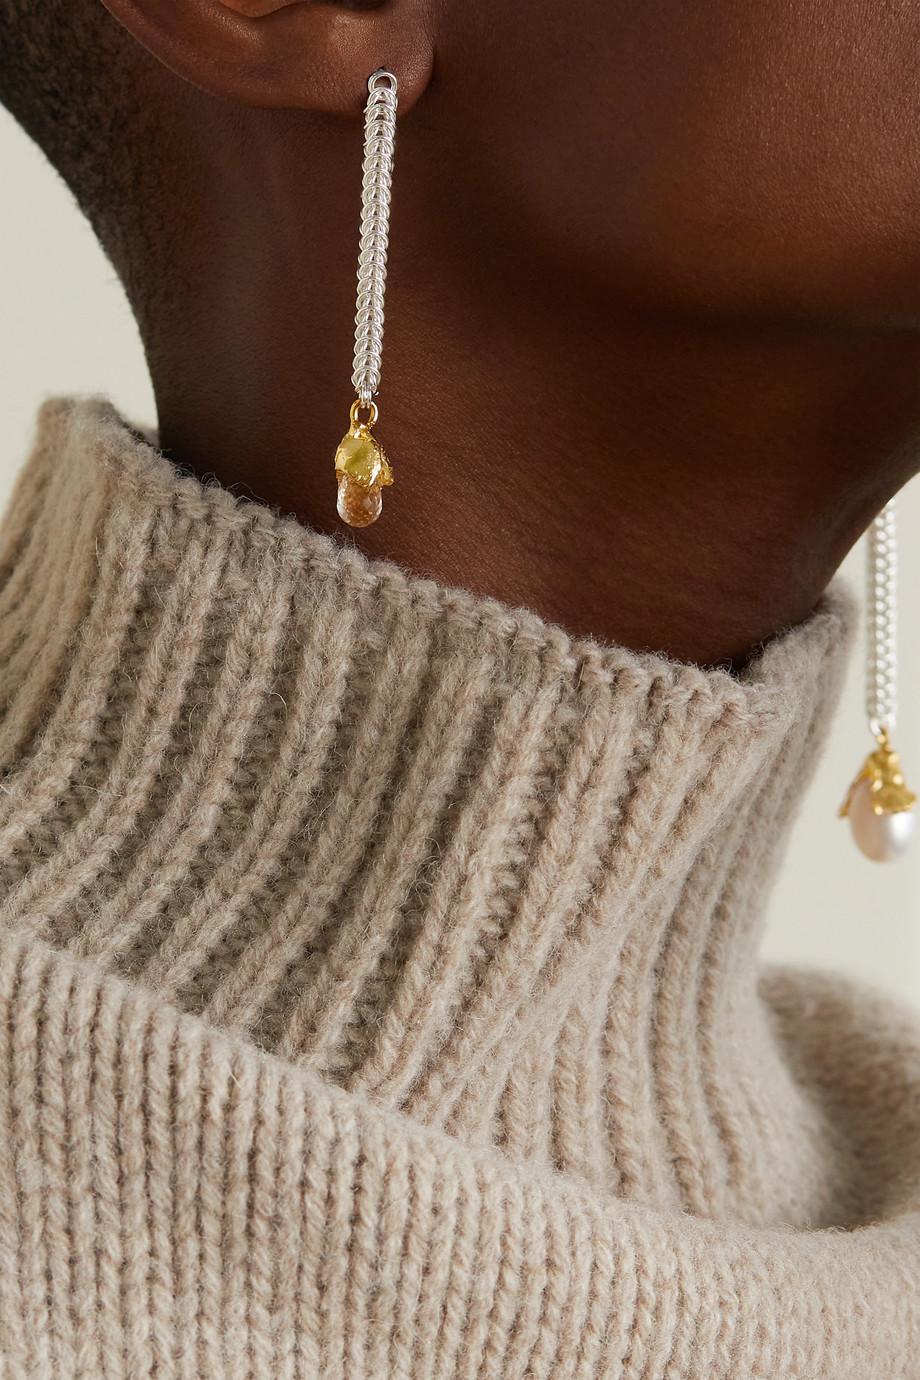 Alighieri Boucles d'oreilles en plaqué or, argent et perle The Greatest Flame from the Smallest Spark